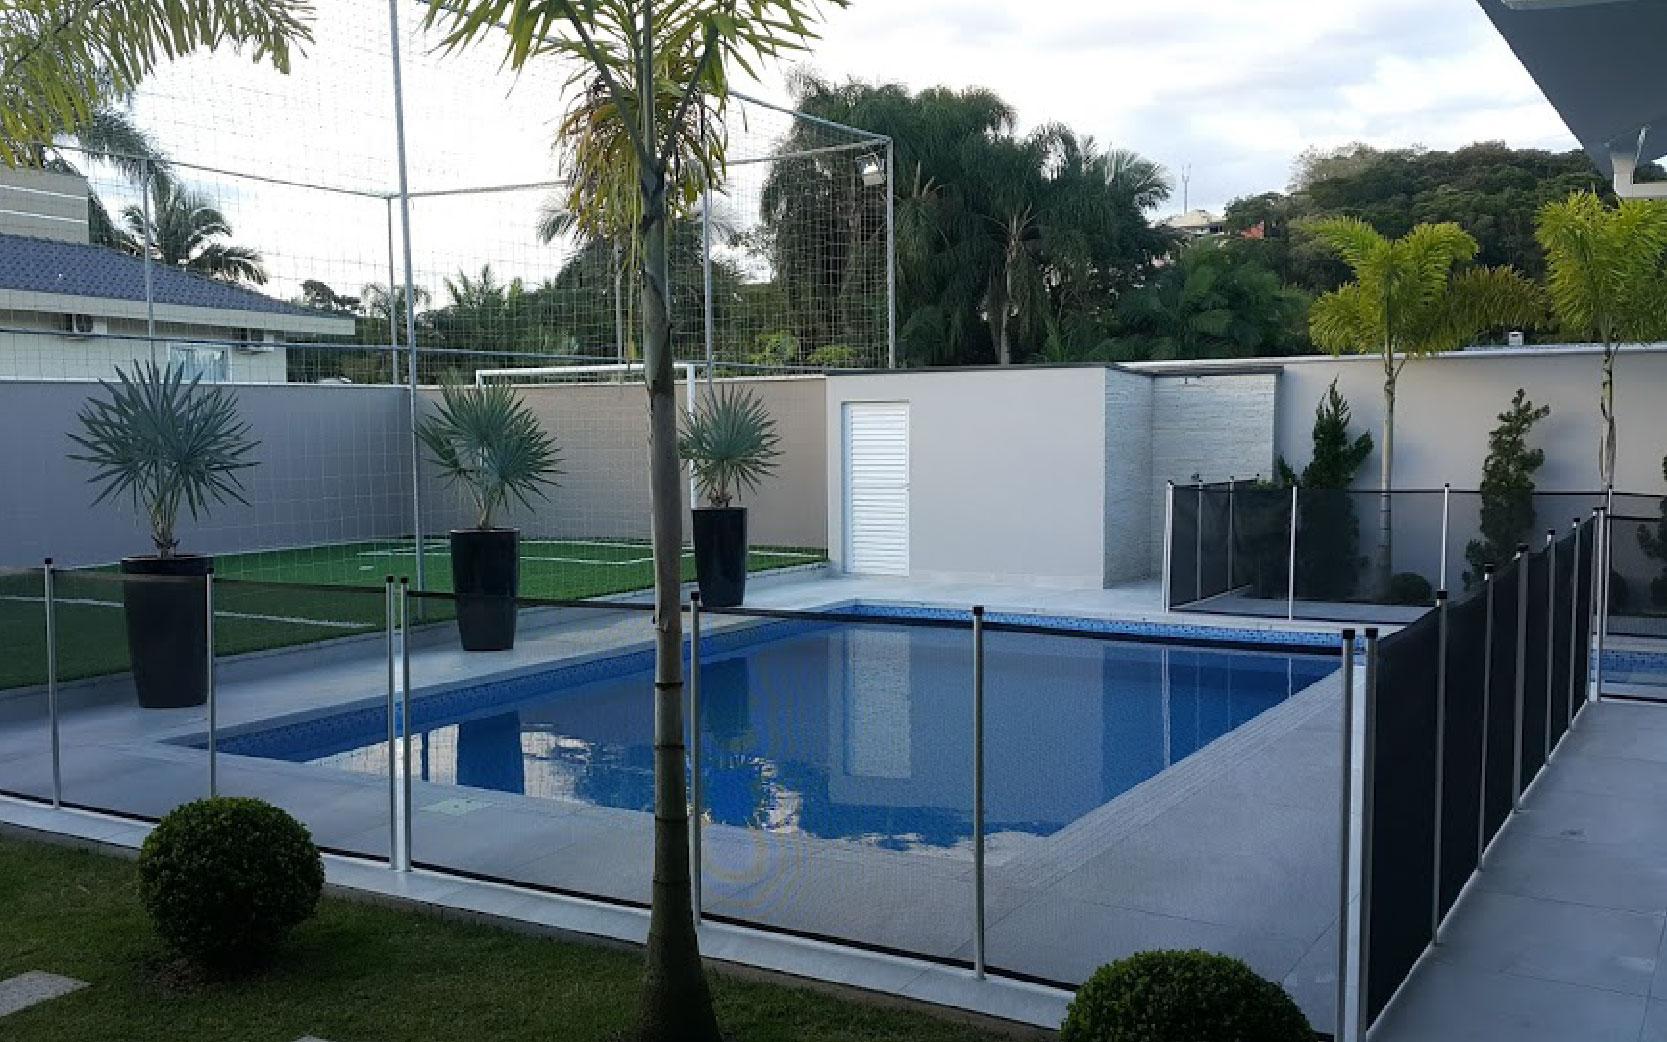 cerca_segurança_piscina-03